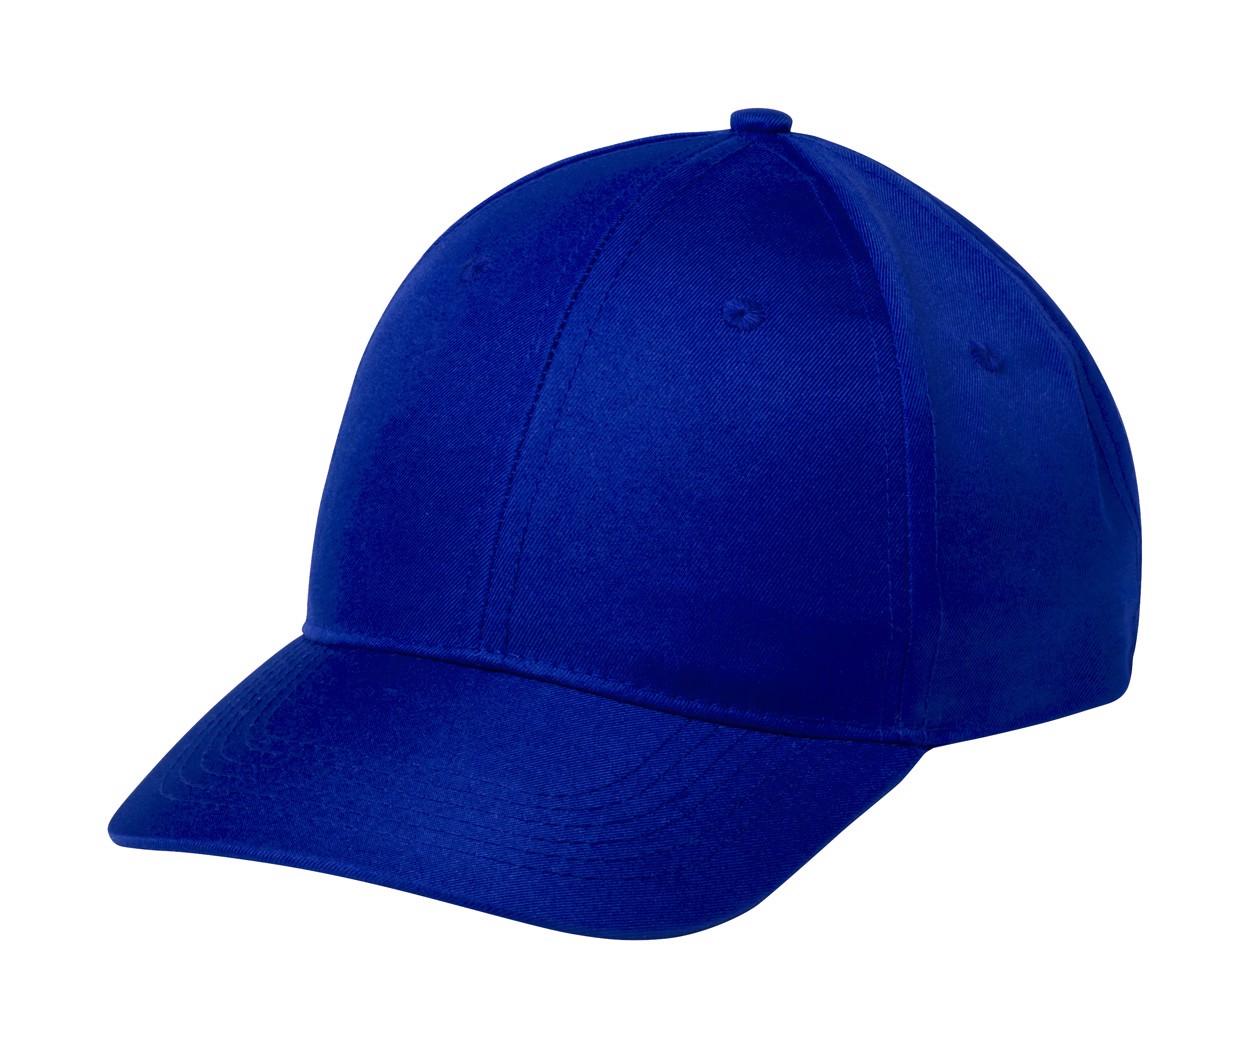 Baseballová Čepice Blazok - Tmavě Modrá